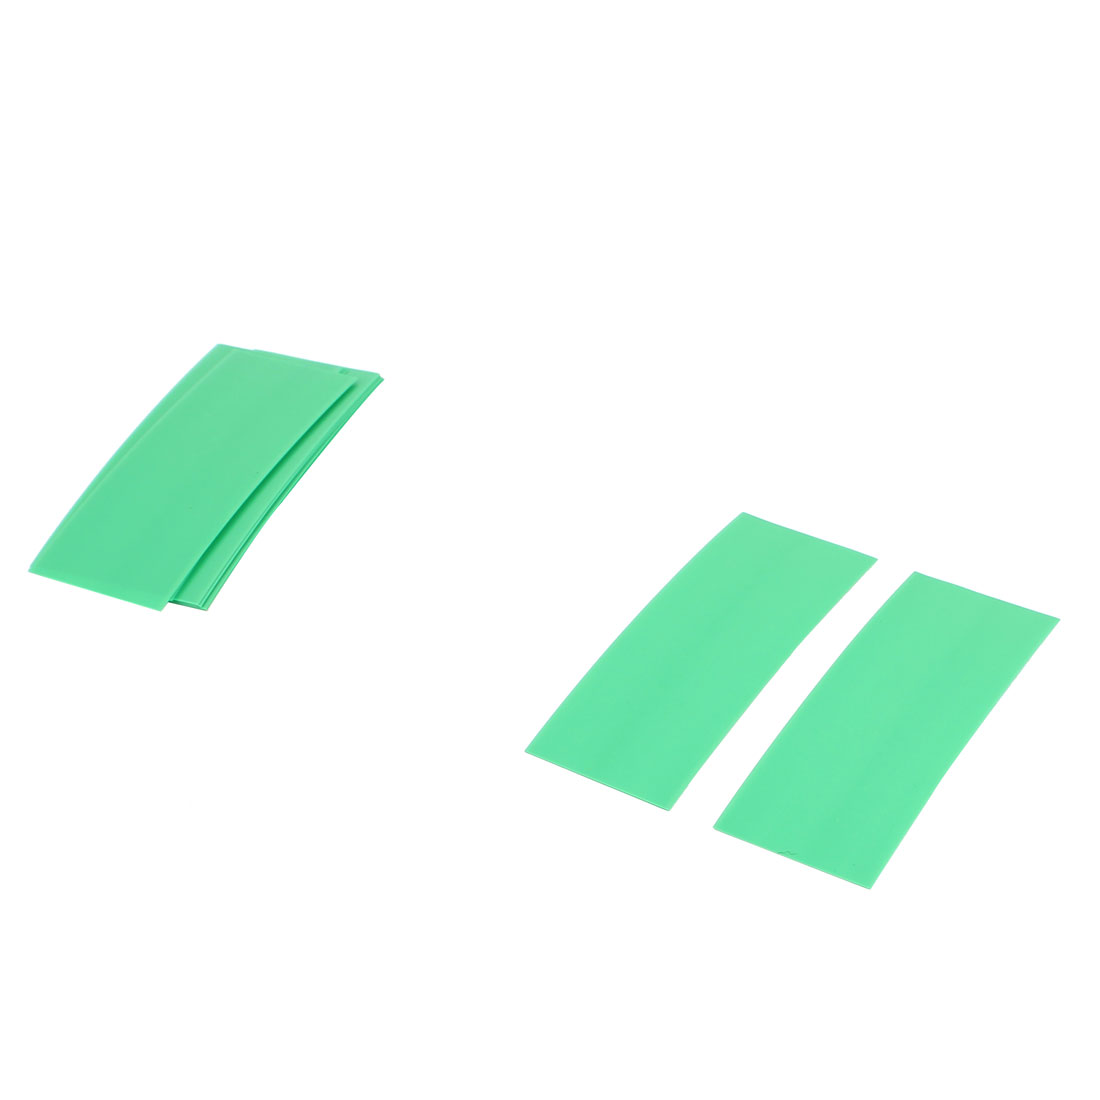 10pcs 72mm x 18.5mm PVC Heat Shrink Tubing Green for 1 x 18650 Battery